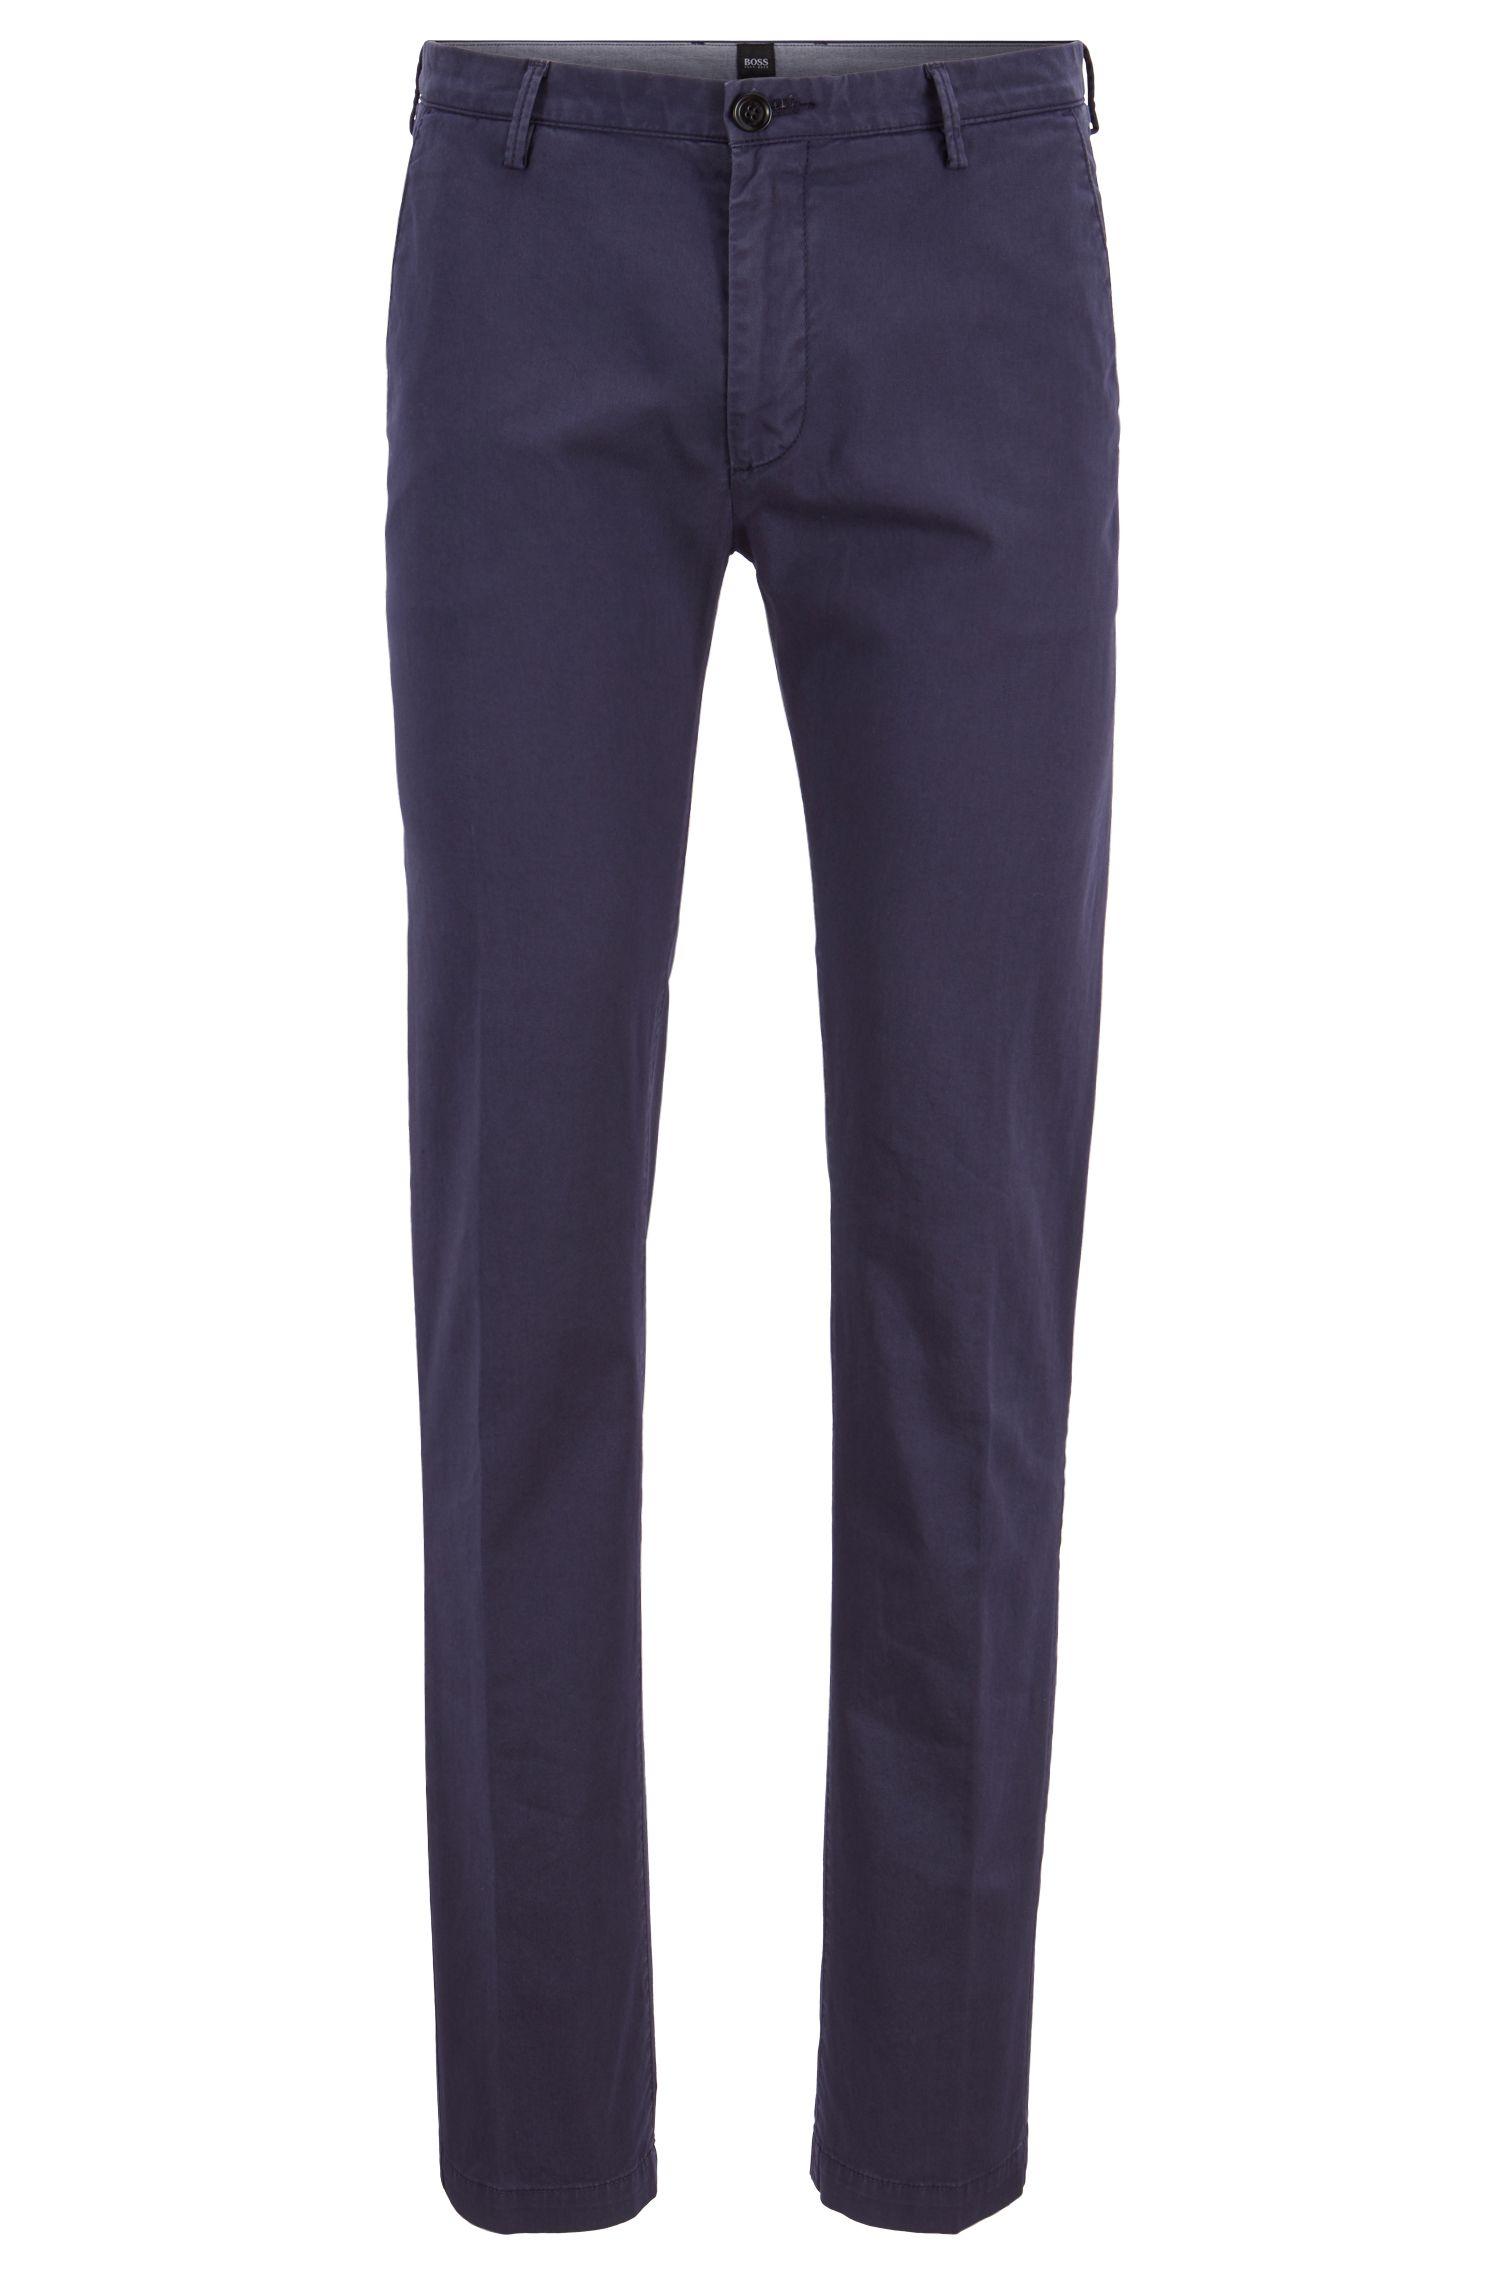 Chino slim fit in gabardine di cotone elasticizzato, Blu scuro